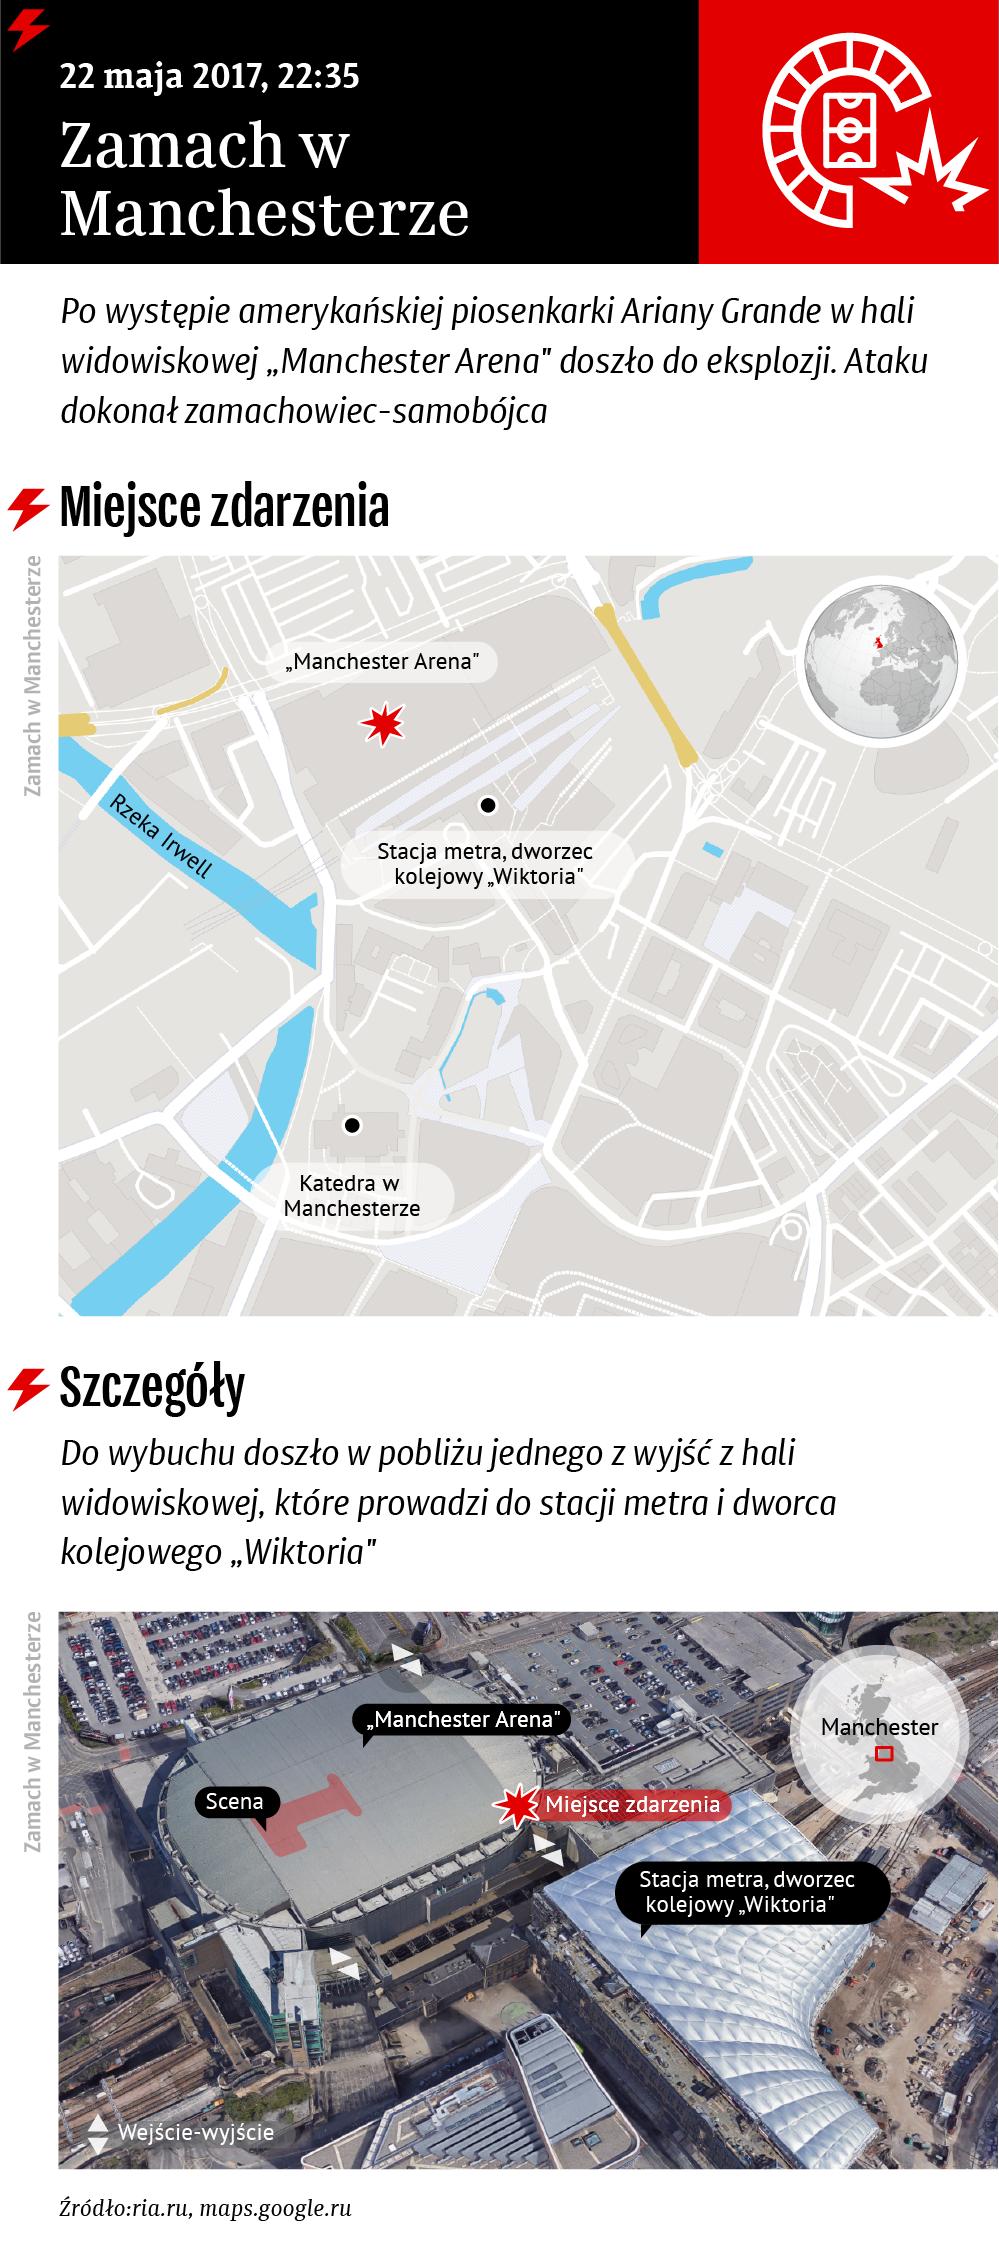 Zamach w Manchesterze - Sputnik Polska